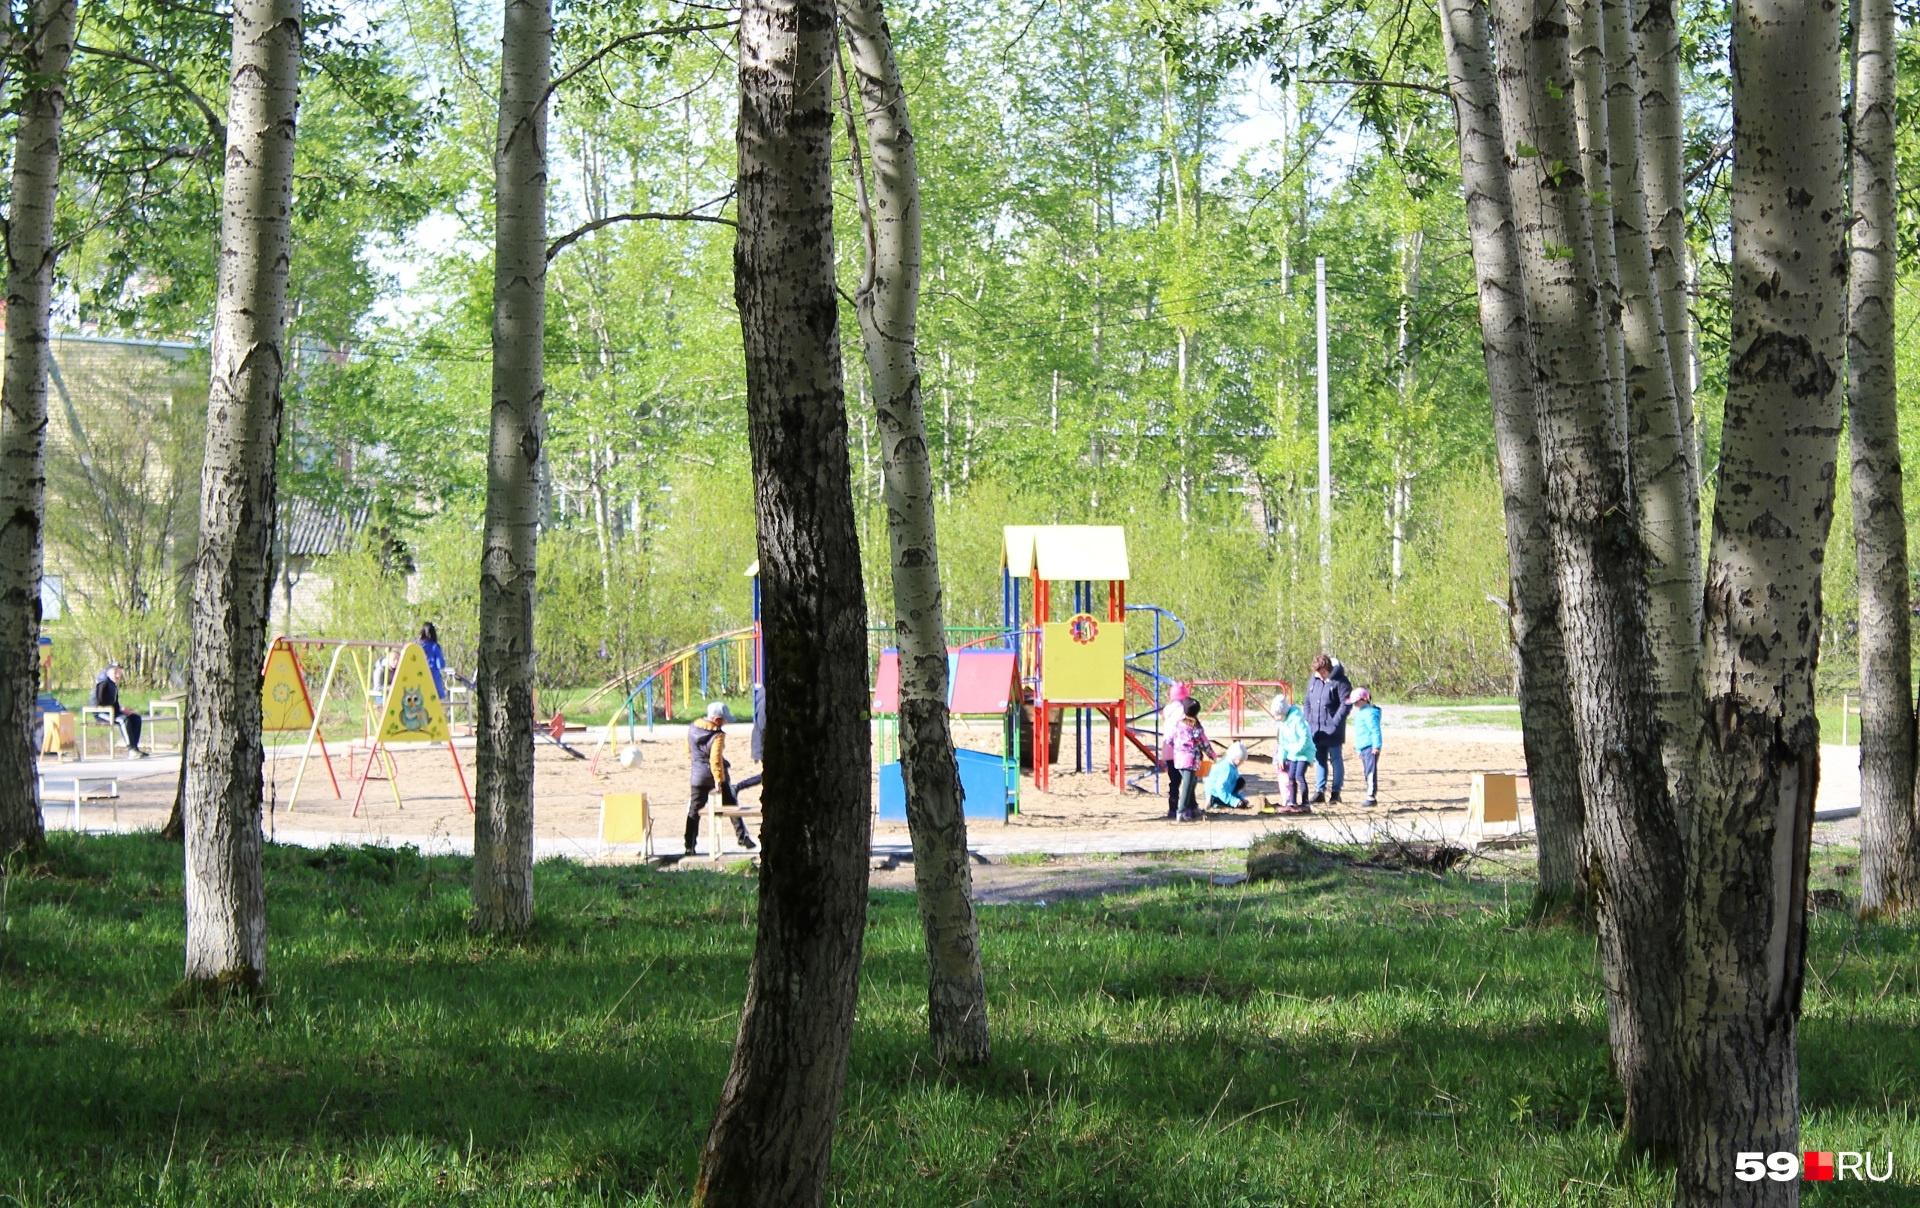 Современная детская площадка. Дети с мамочками, солнышко